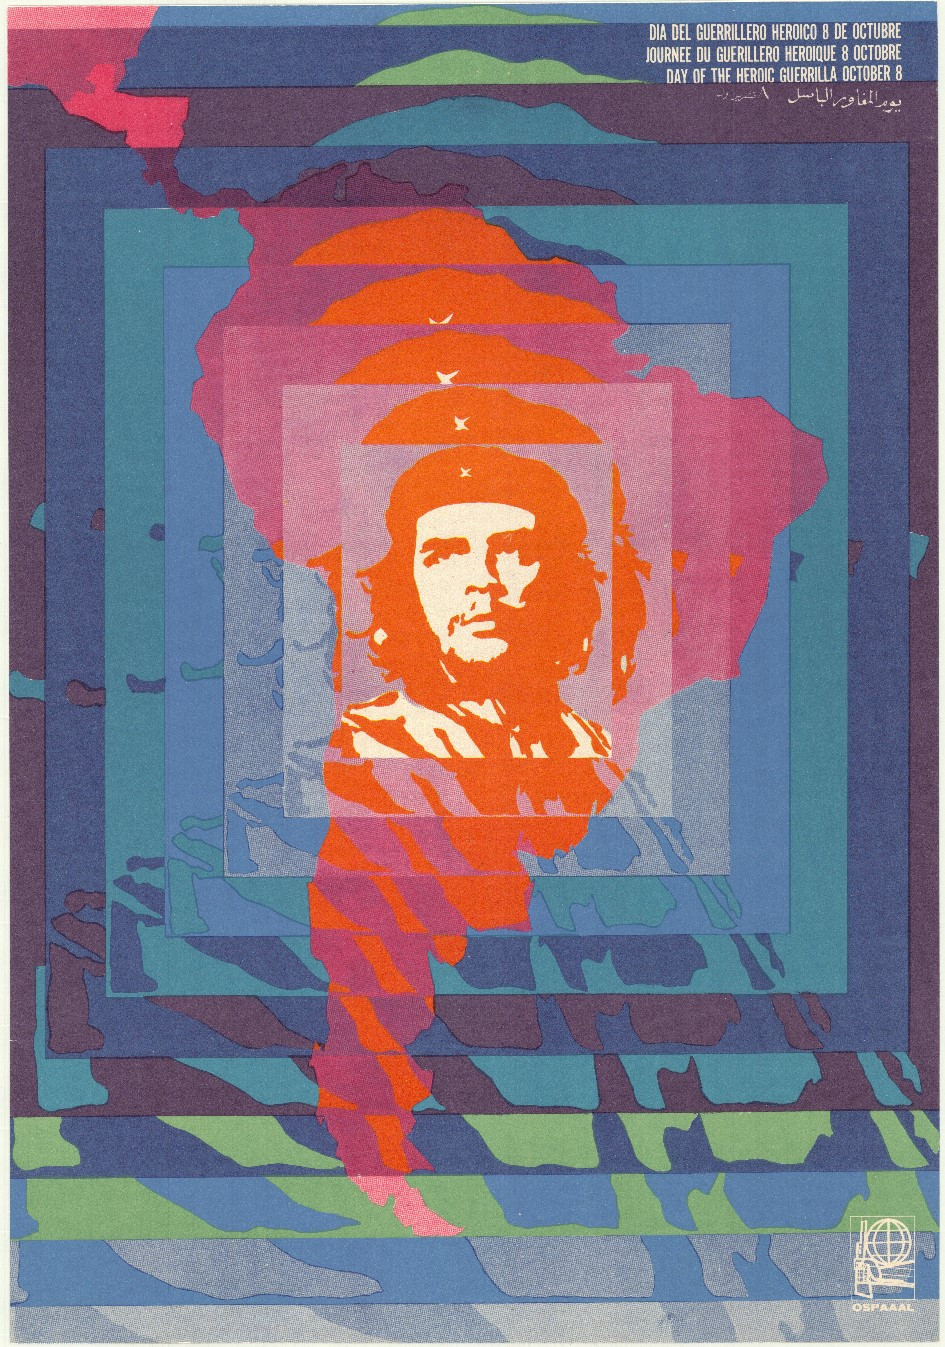 'Dia del guerrillero' met Che van Elena Serrano